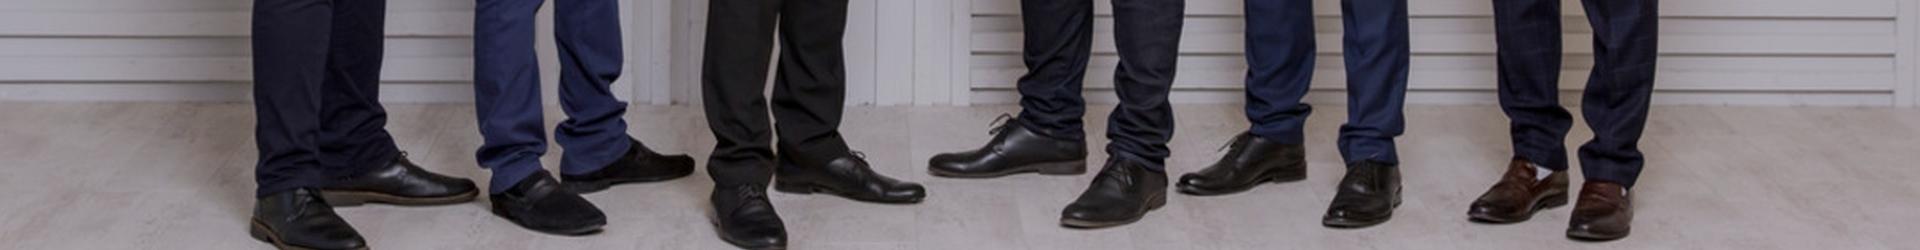 Collection de chaussures pour hommes fabriquée en Italie.